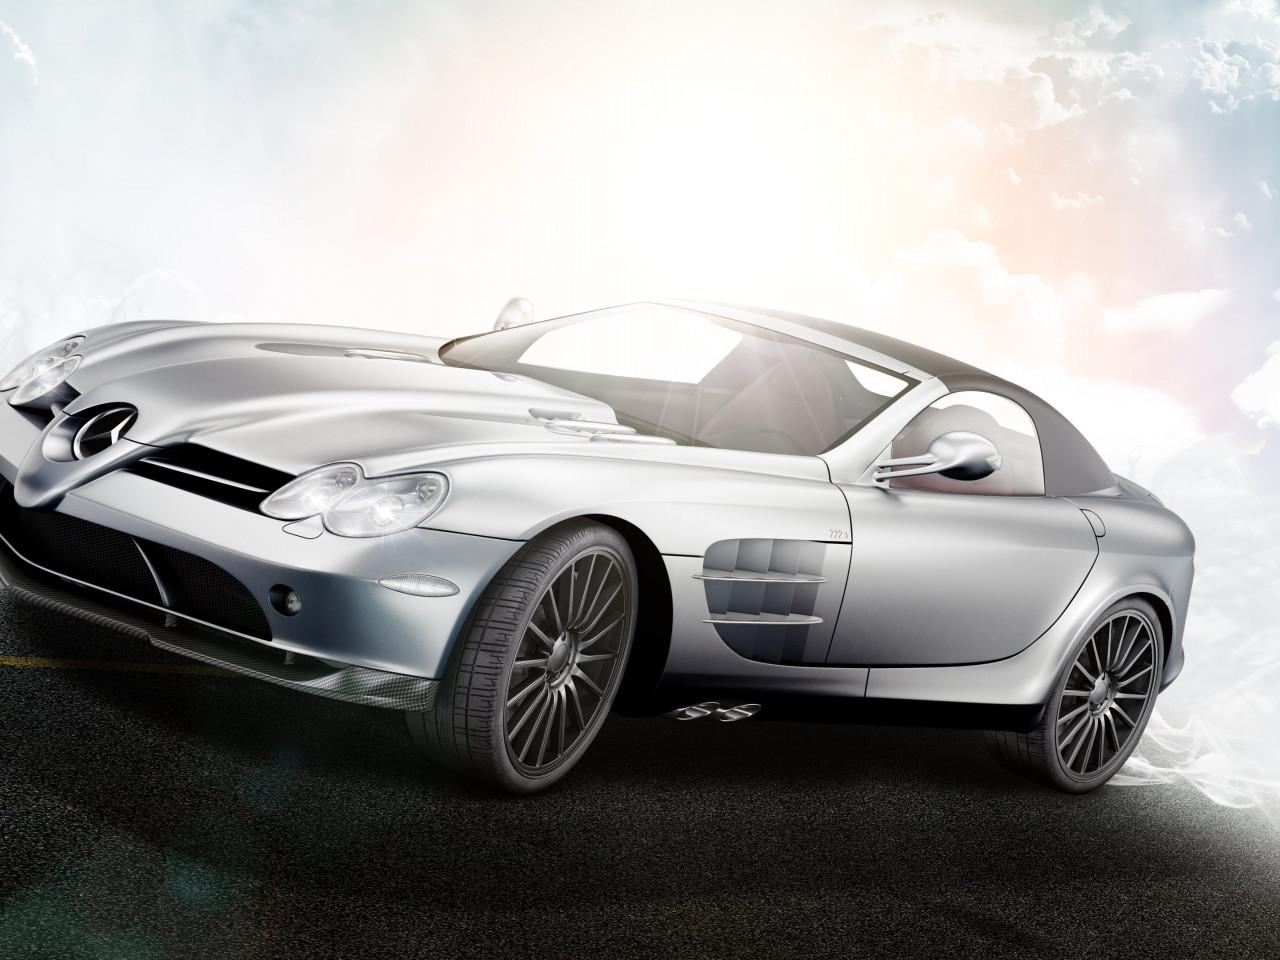 Download wallpaper: Mercedes Benz Mclaren SLR 722S 1280x960